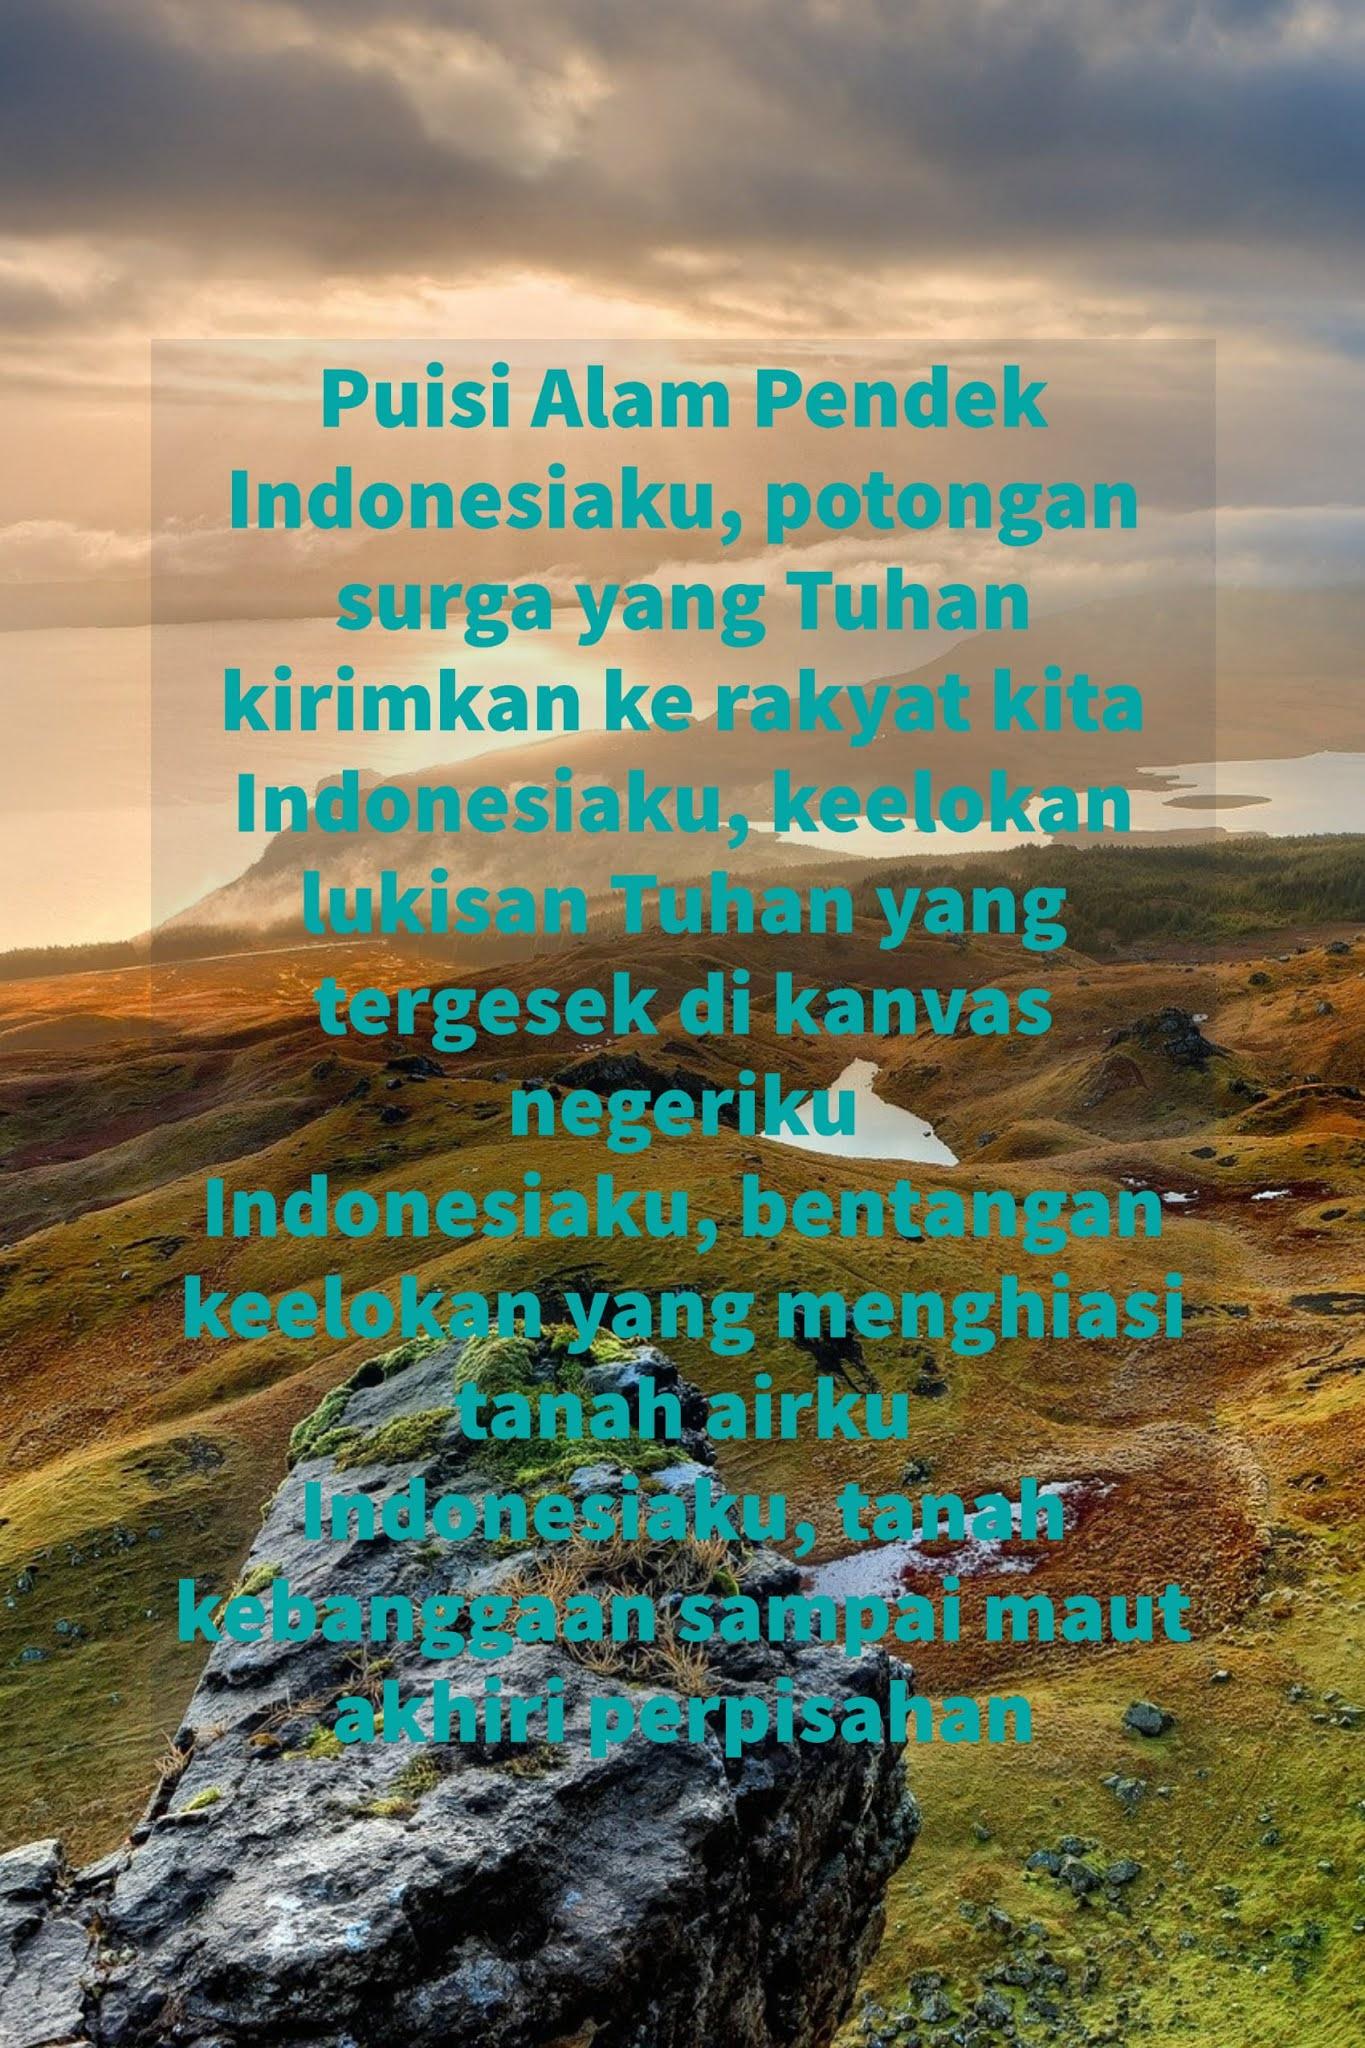 Puisi Tentang Keindahan Alam : puisi, tentang, keindahan, Puisi, Tentang, Keindahan, Indonesia, Sajak, Twitter